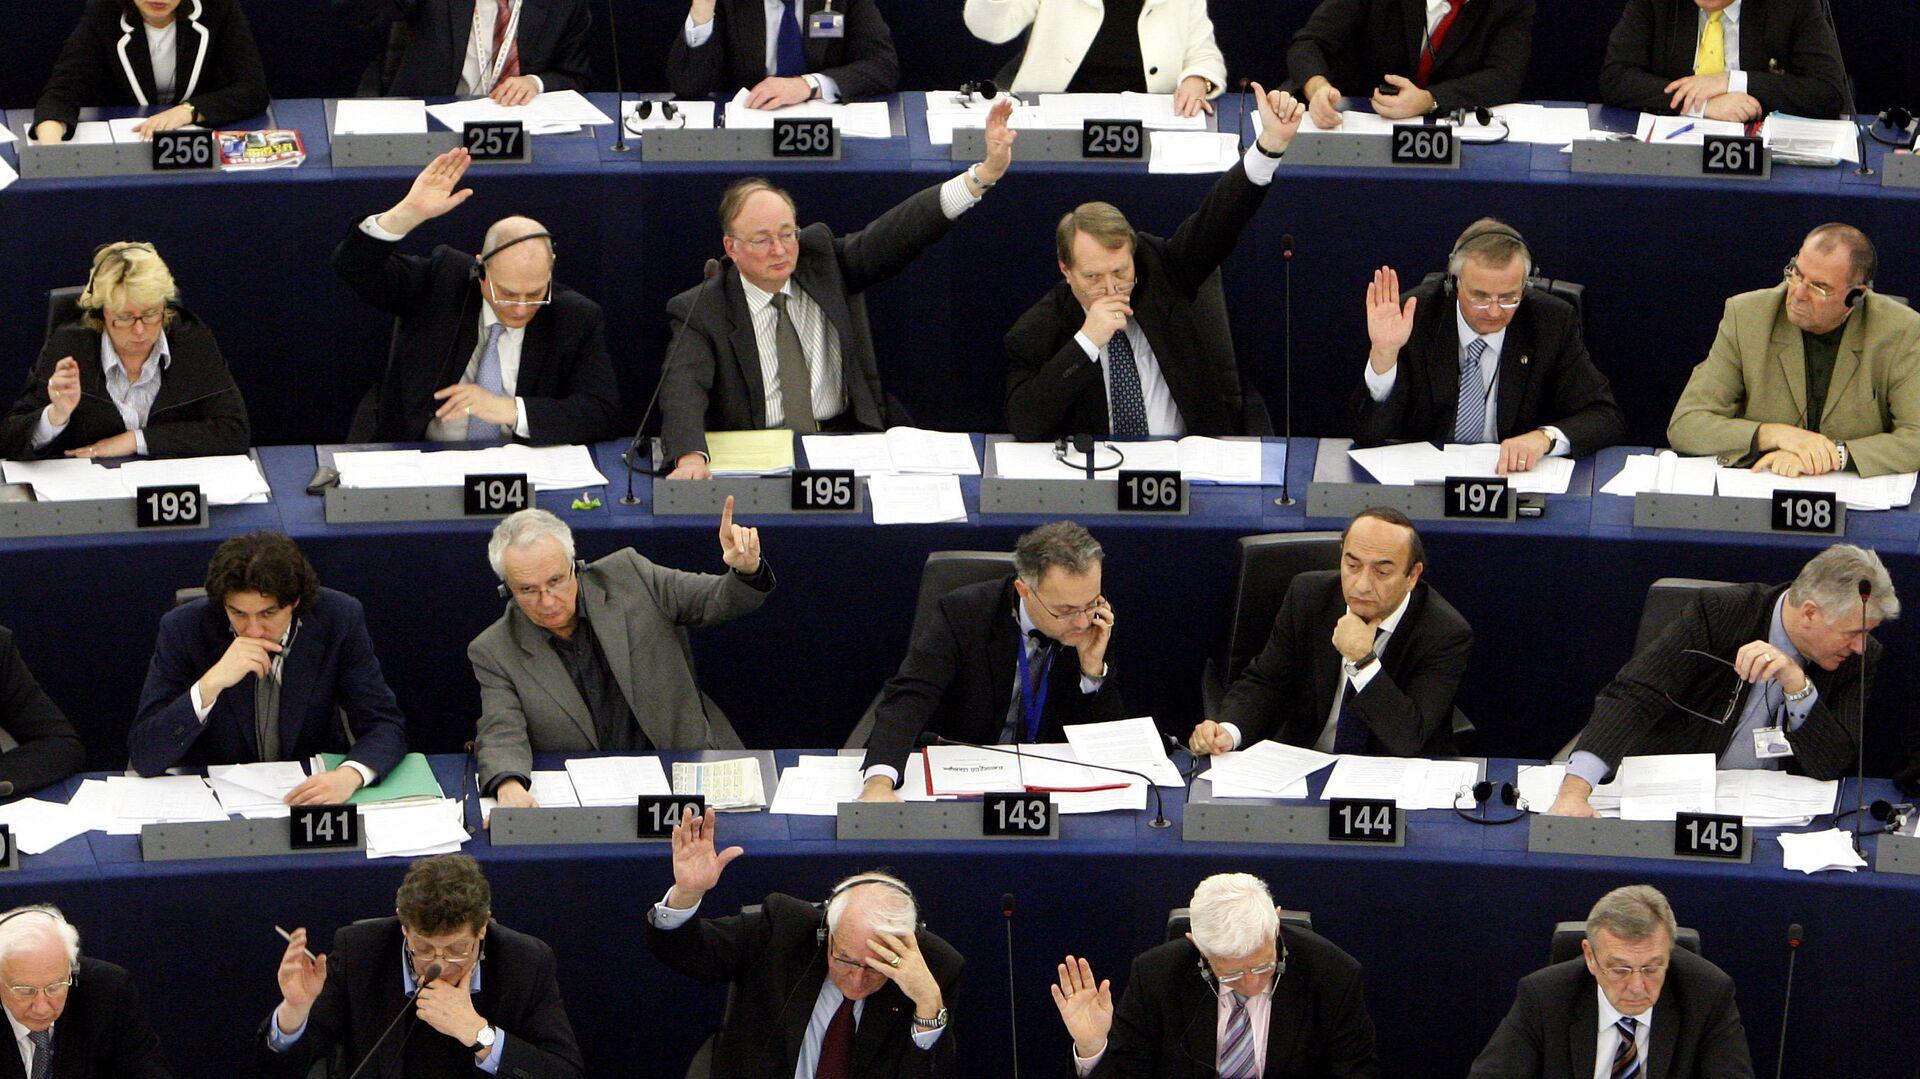 Депутаты Европарламента во время голосования - РИА Новости, 1920, 10.06.2021